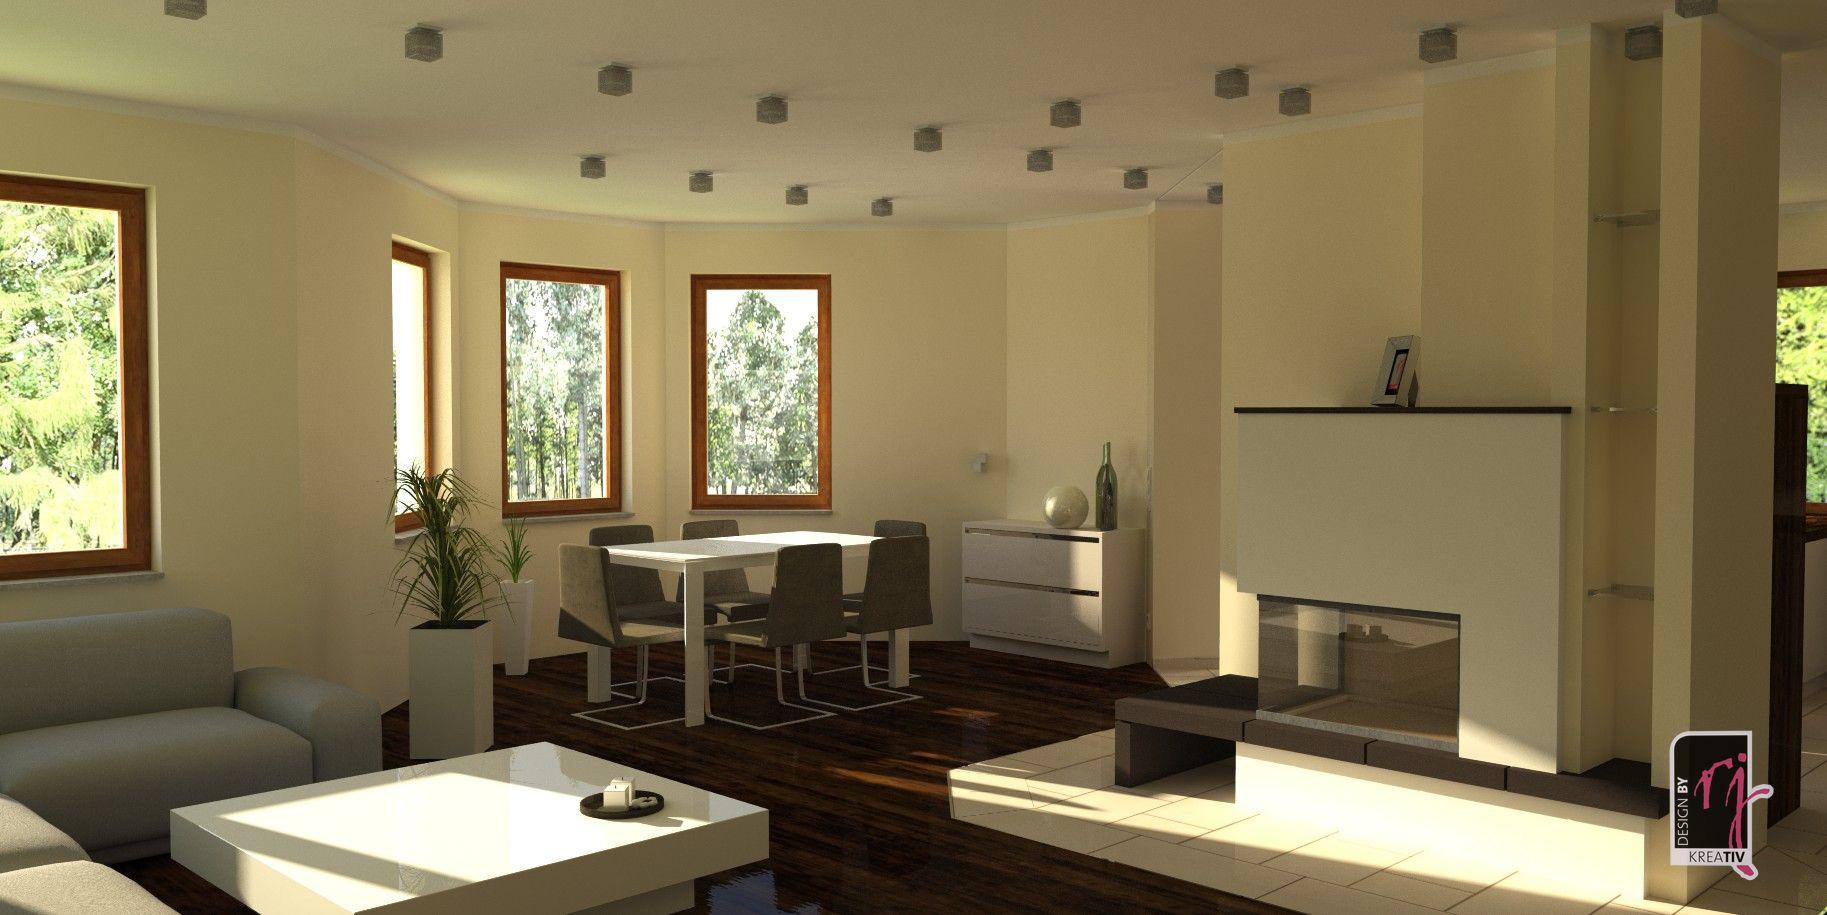 Wohnzimmer kuche planen for Wohnzimmer planen